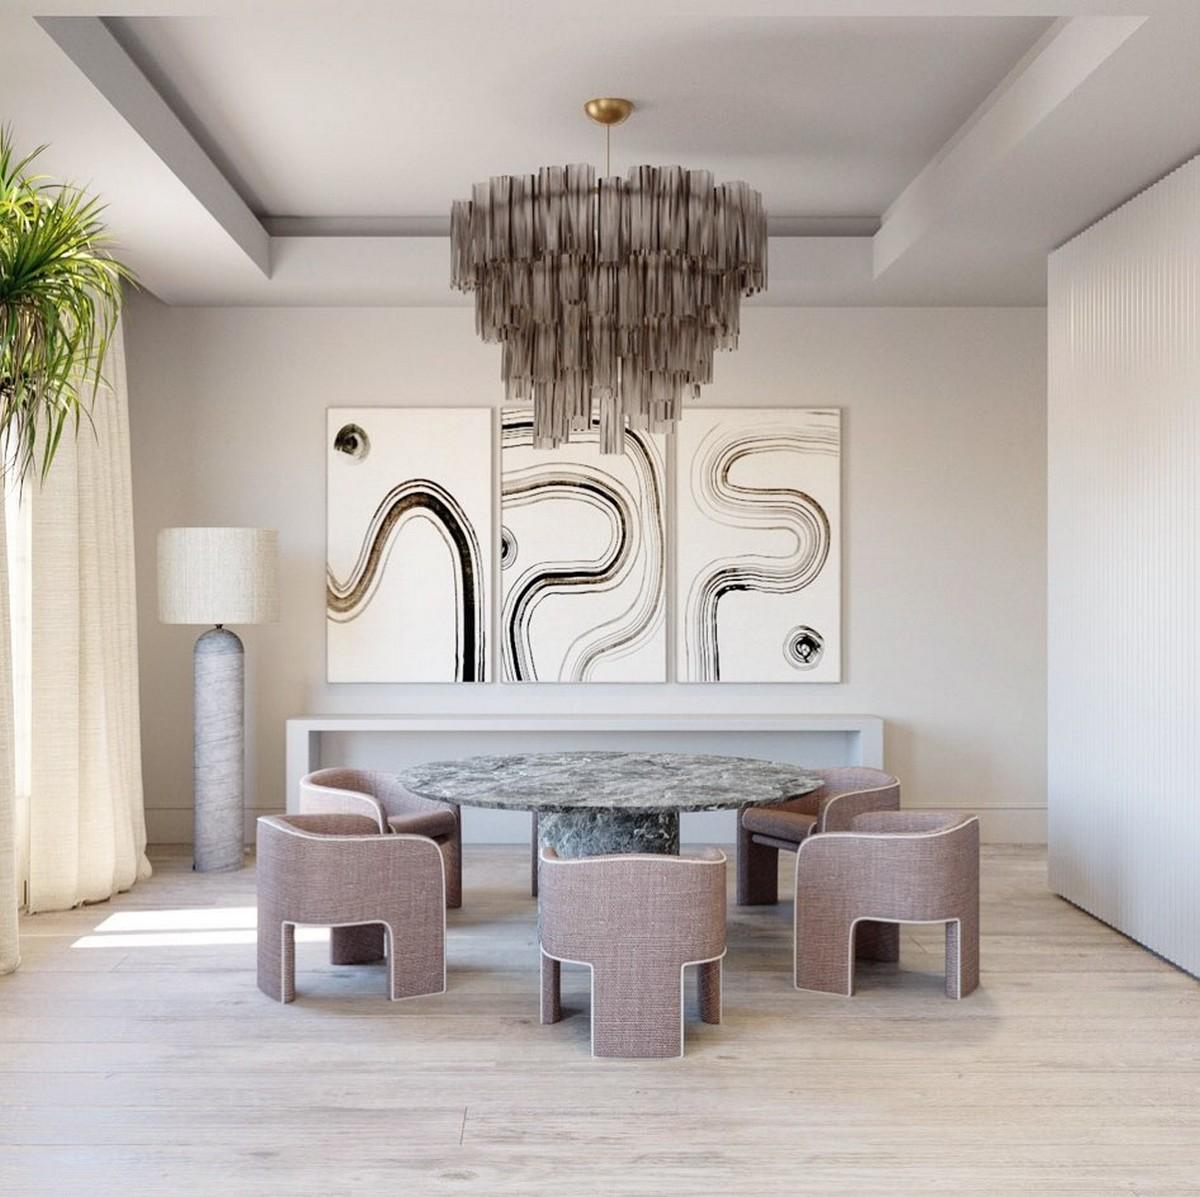 Estudio de Interiores: Madrid In Love es una referencia para Diseño de Interiores estudio de interiores Estudio de Interiores: Madrid In Love es una referencia para Diseño de Interiores 82305332 597332531116826 4930488788662598089 n